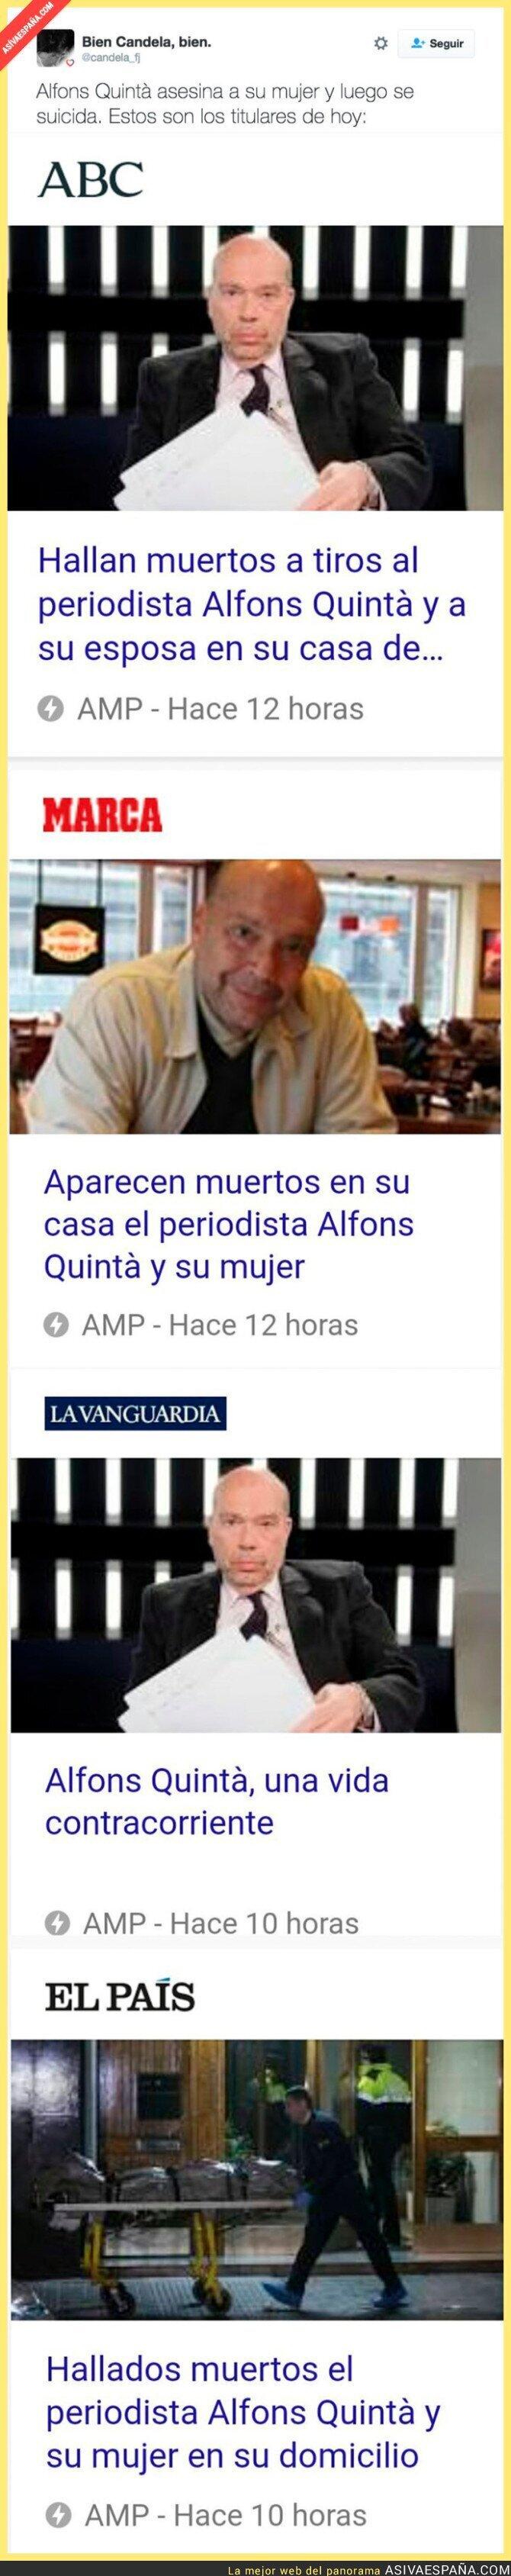 59272 - Alfons Quintà, ex director de TV3, asesina a su mujer y el periodismo titula así